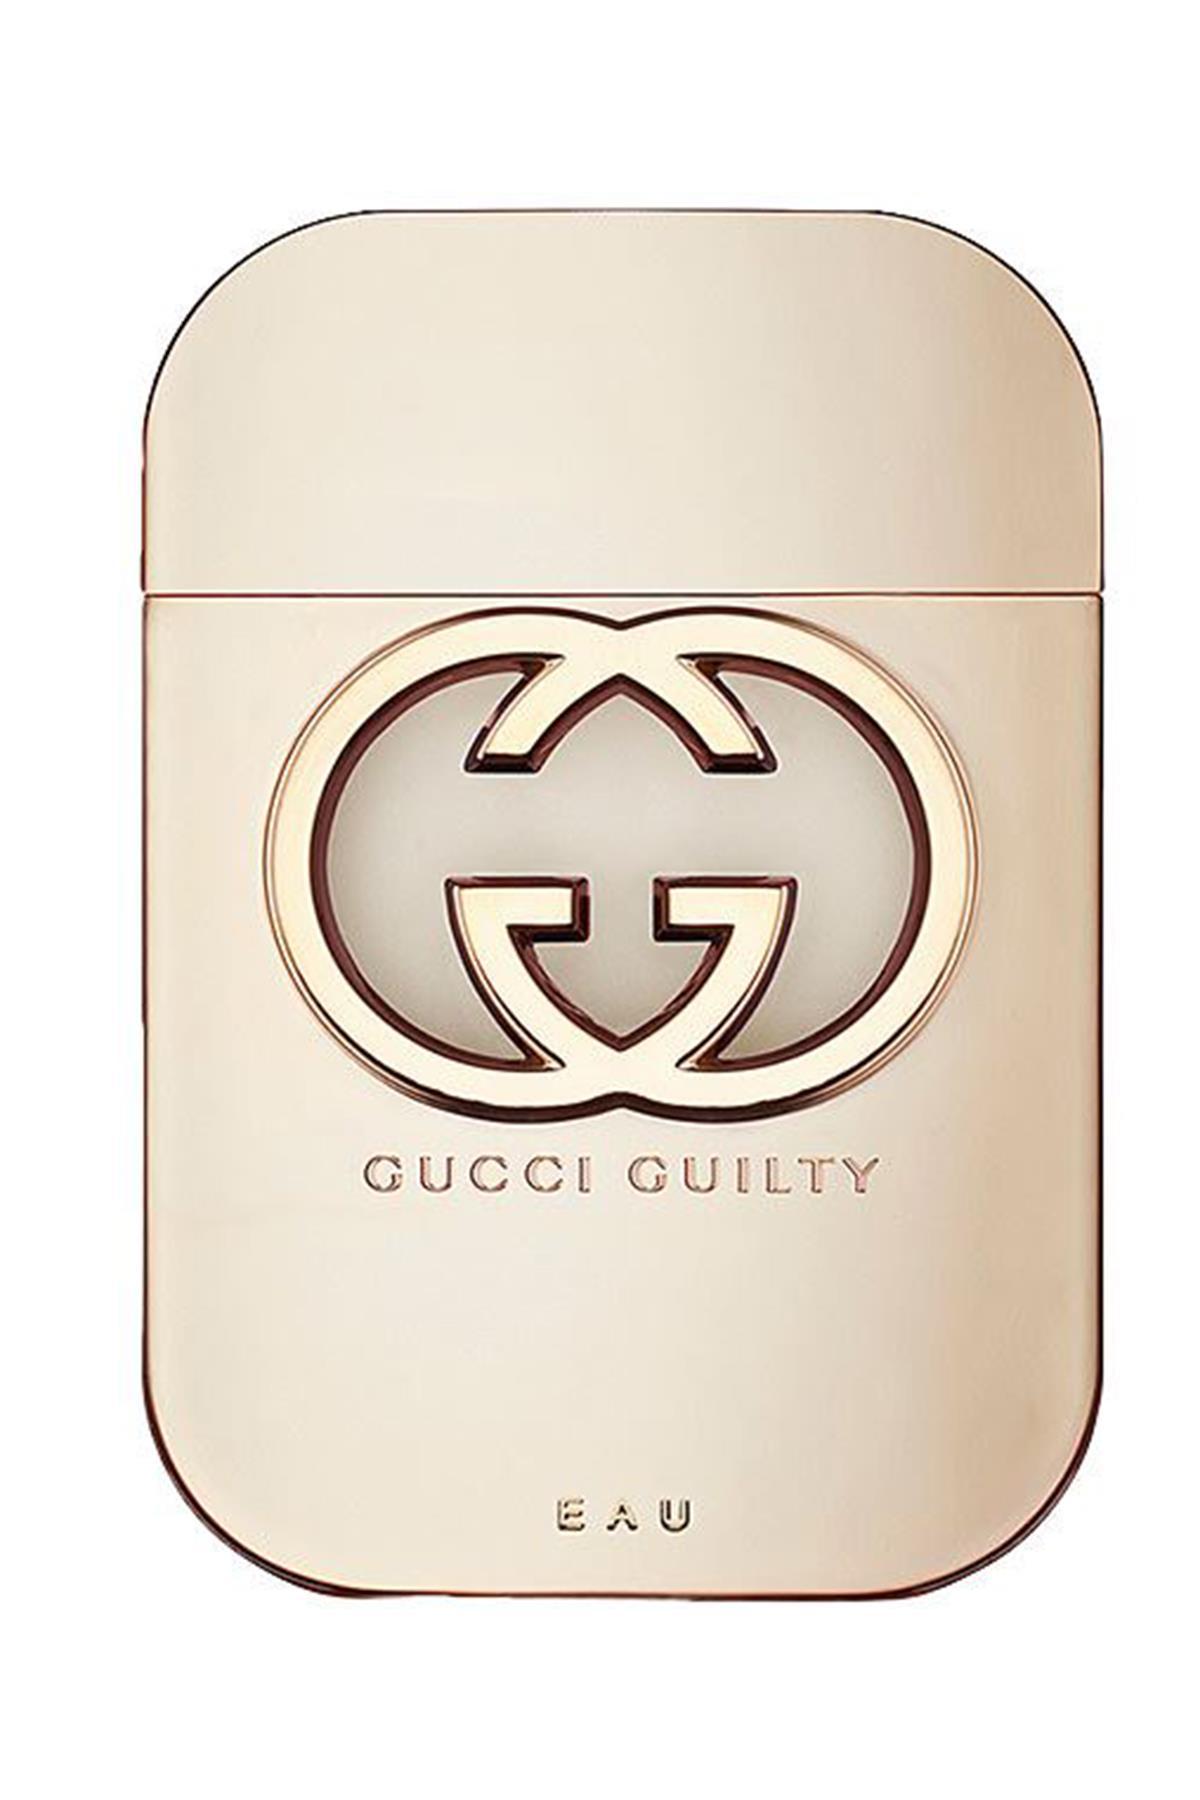 Gucci Guilty EAU EDT 50 ml Kadın Parfüm